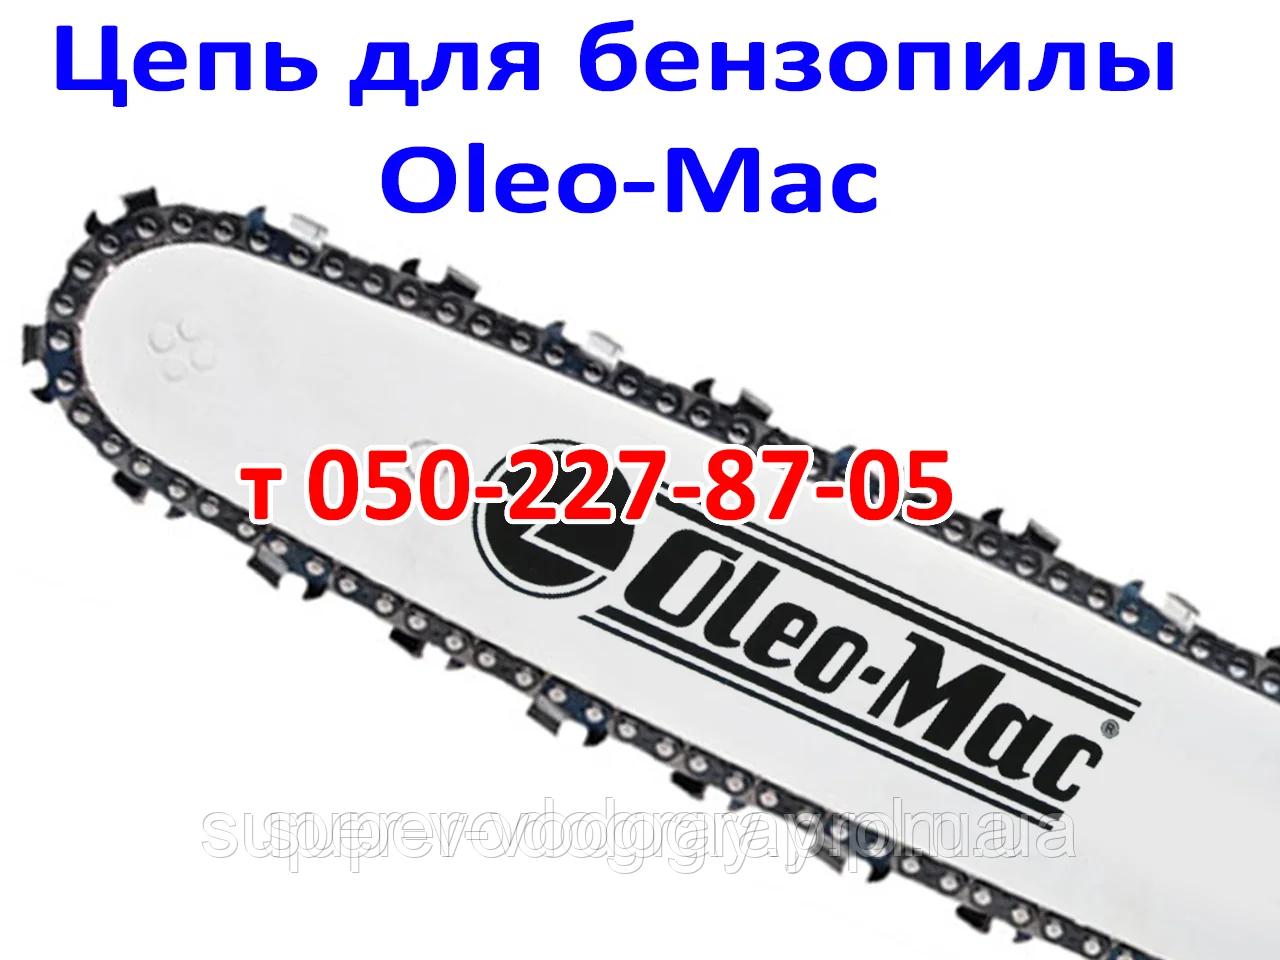 Цепь, шина 35 см для бензопилы Oleo-Mac